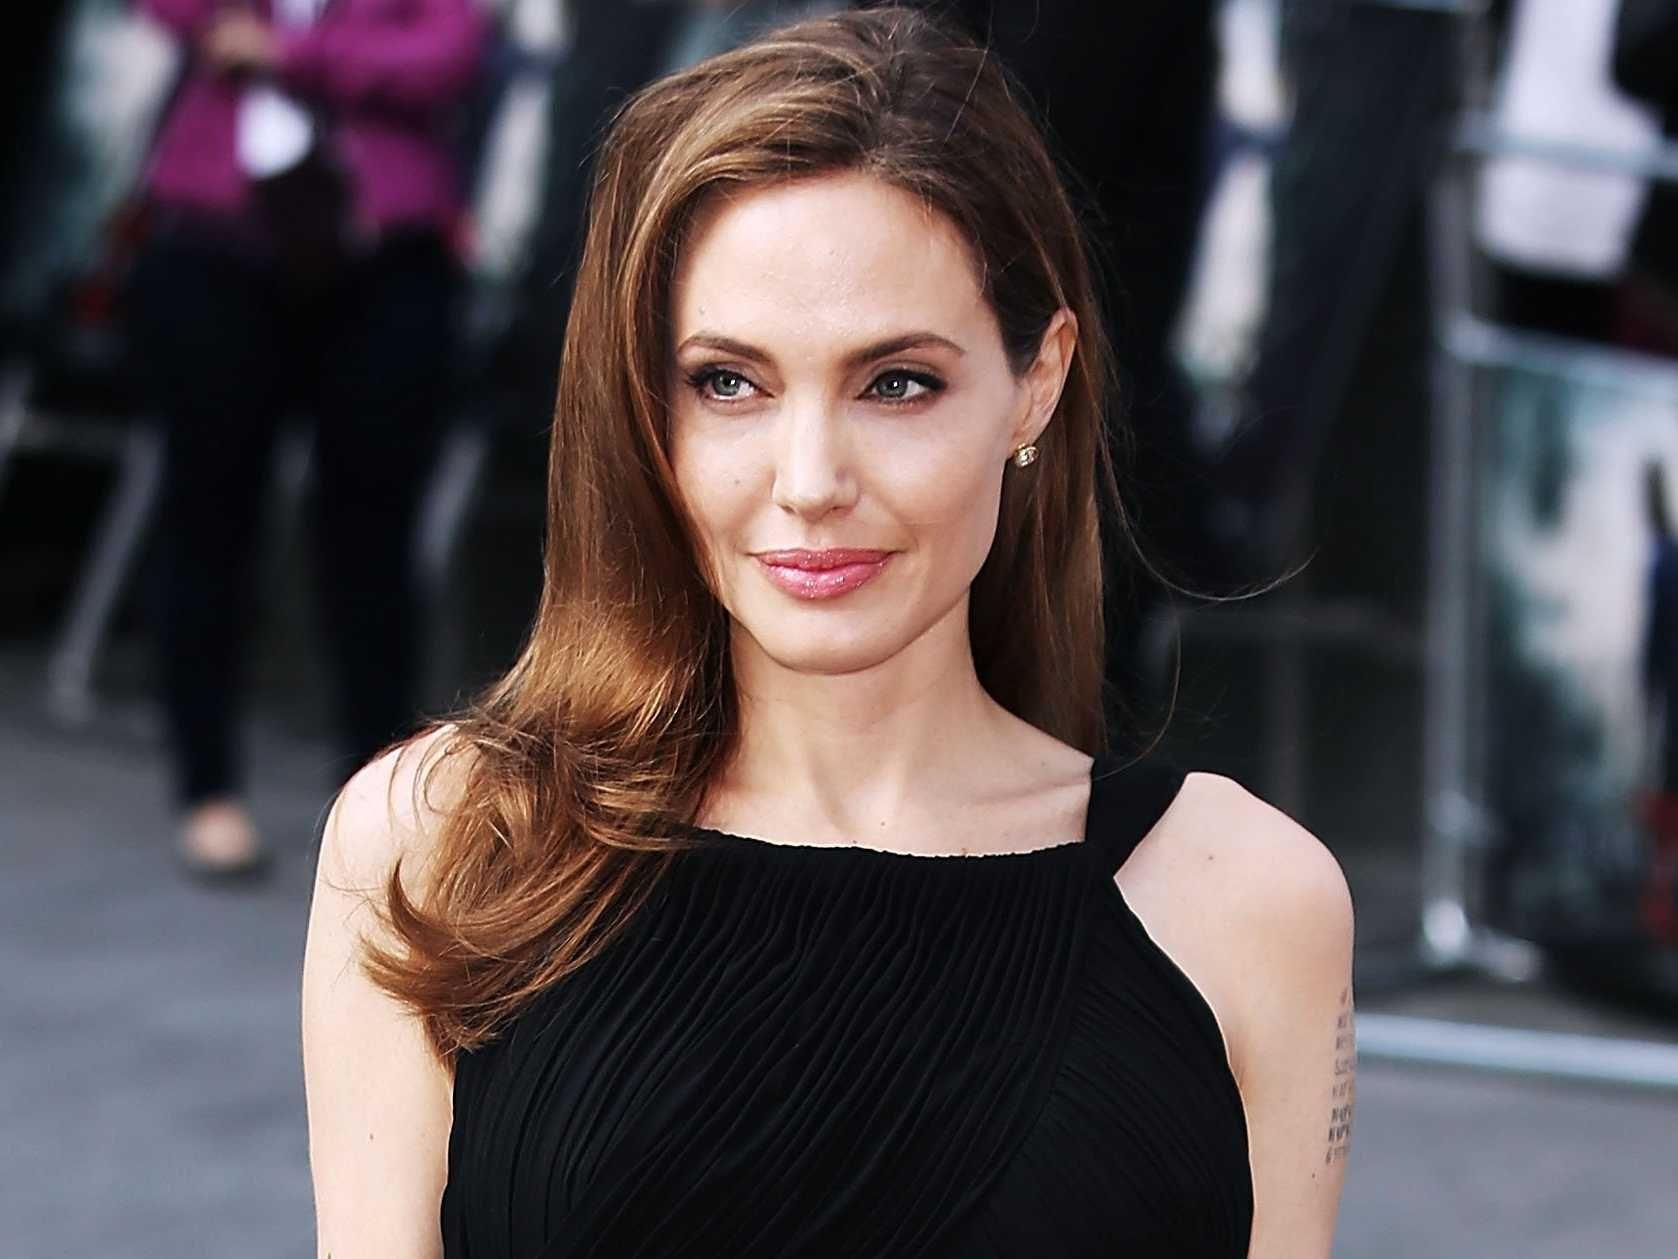 Angelina jolie tops